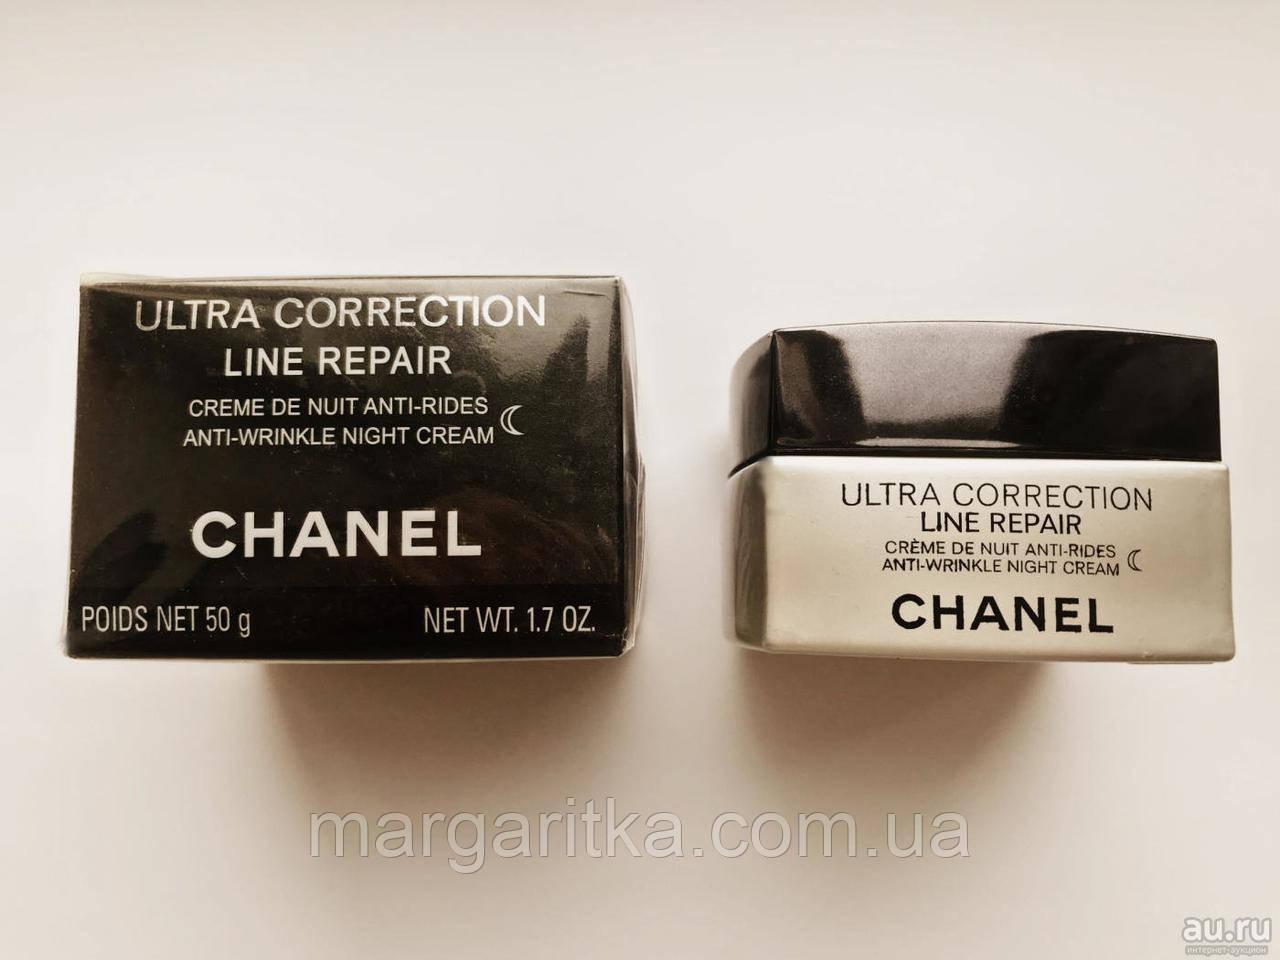 Крем ночной ultra correction line repair CHANEL (копия)